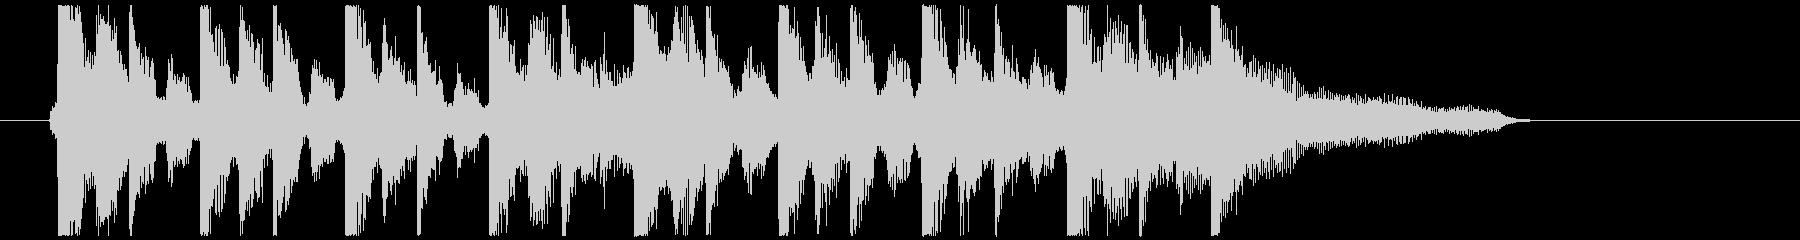 アコギ主体の爽やかCM風の未再生の波形